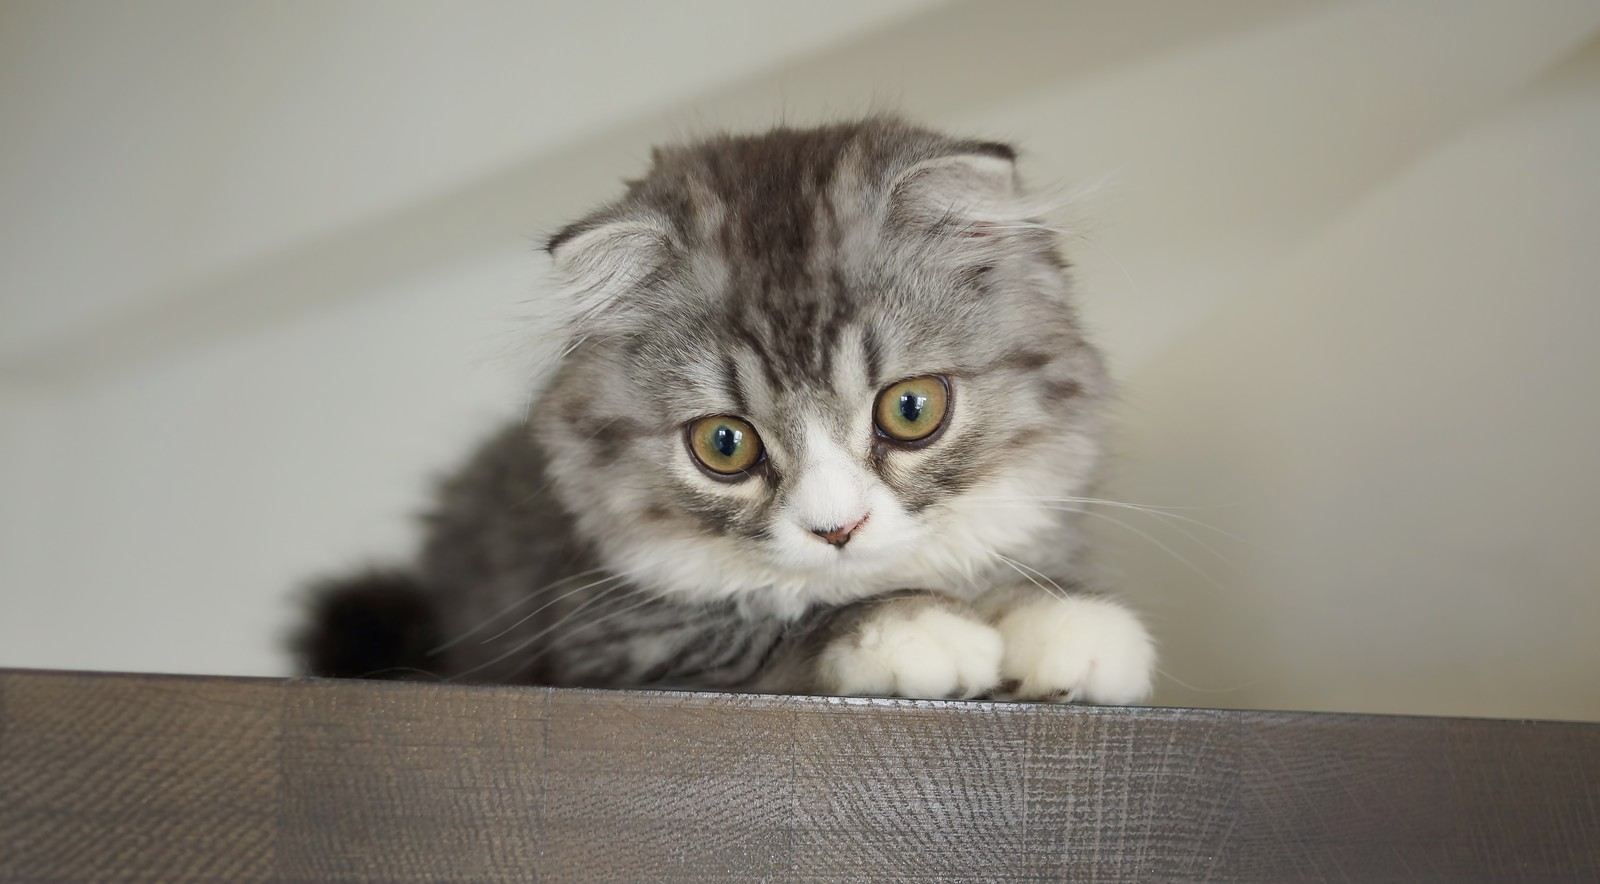 「上から見下ろす猫(スコティッシュフォールド)」の写真